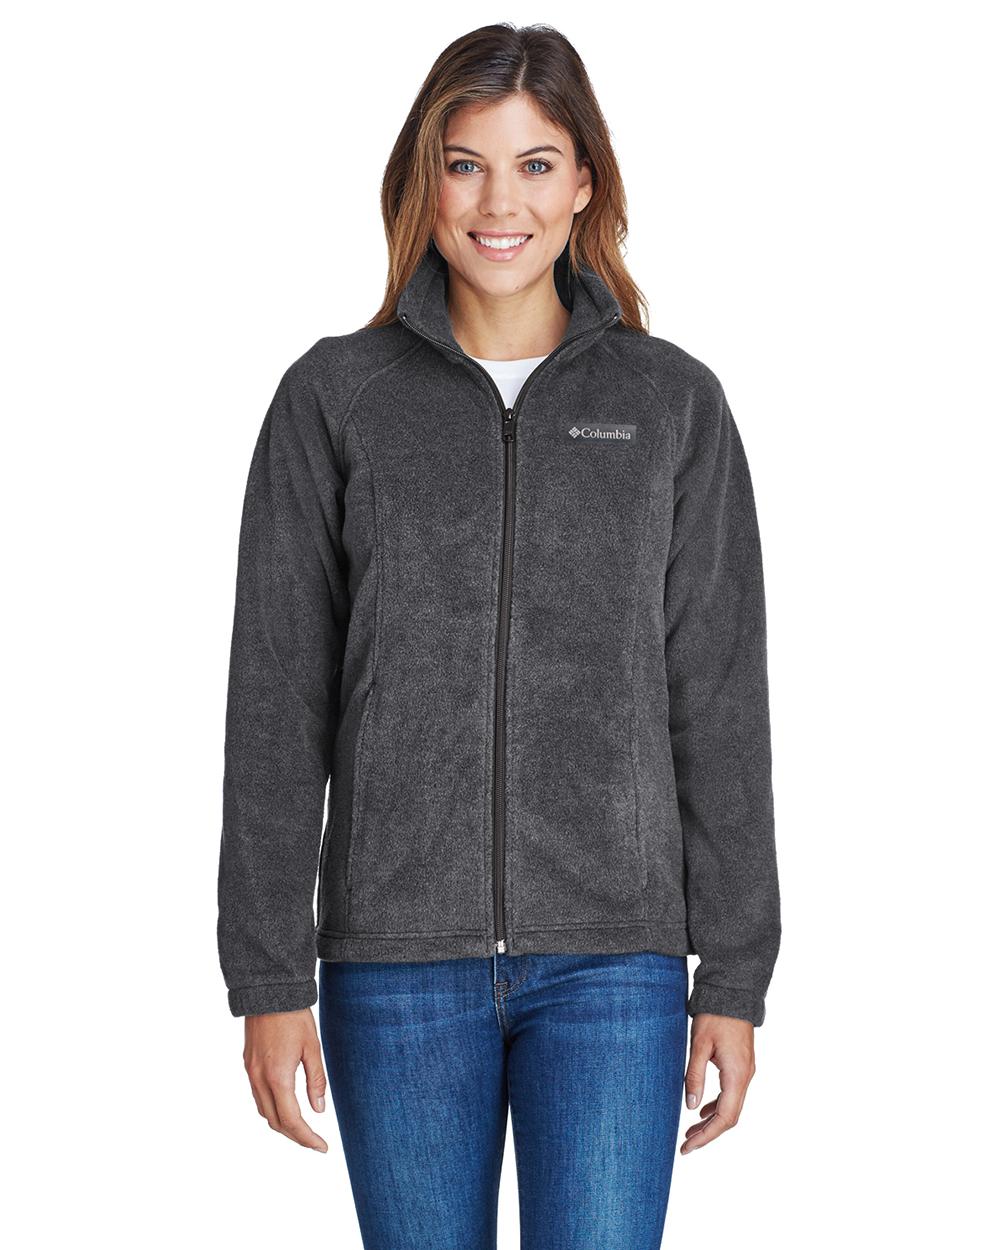 Ladies' Benton Springs Full-Zip Fleece